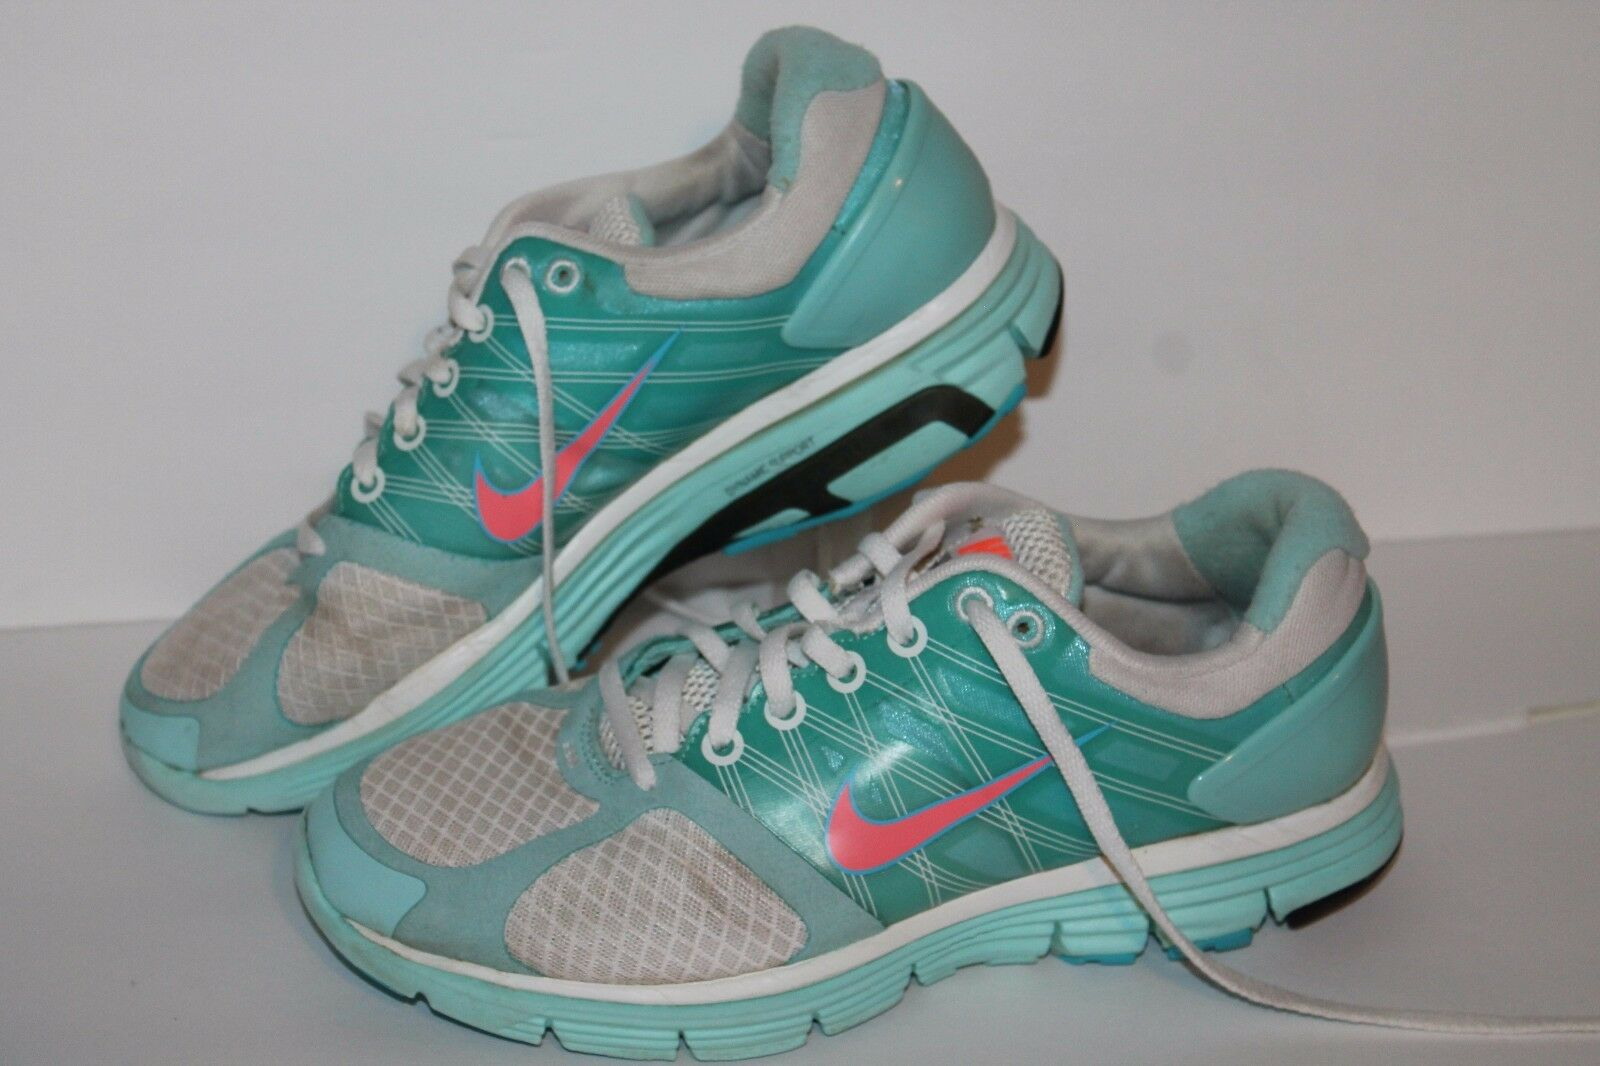 nike lunarglide 2 scarpe da corsa, cosa / / / lt blu / rosa, donne o 6.5y - 8 | Di Alta Qualità E Poco Costoso  | I Materiali Superiori  | Speciale Offerta  | Uomo/Donna Scarpa  fe59fb